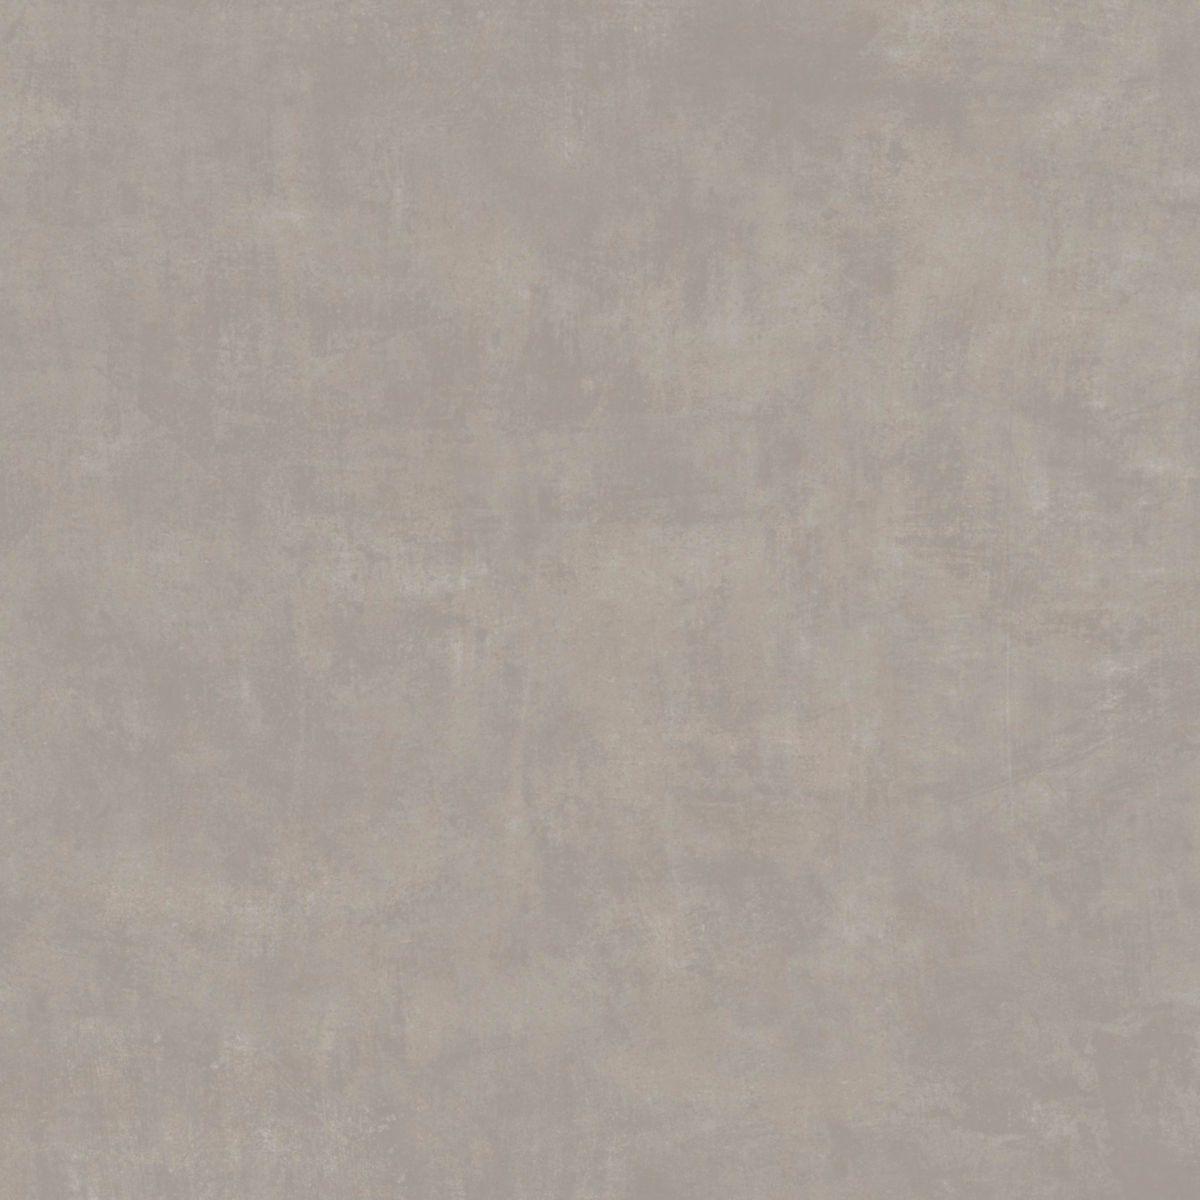 Carrelage sol intérieur grès cérame Living grafito - 60x60 cm